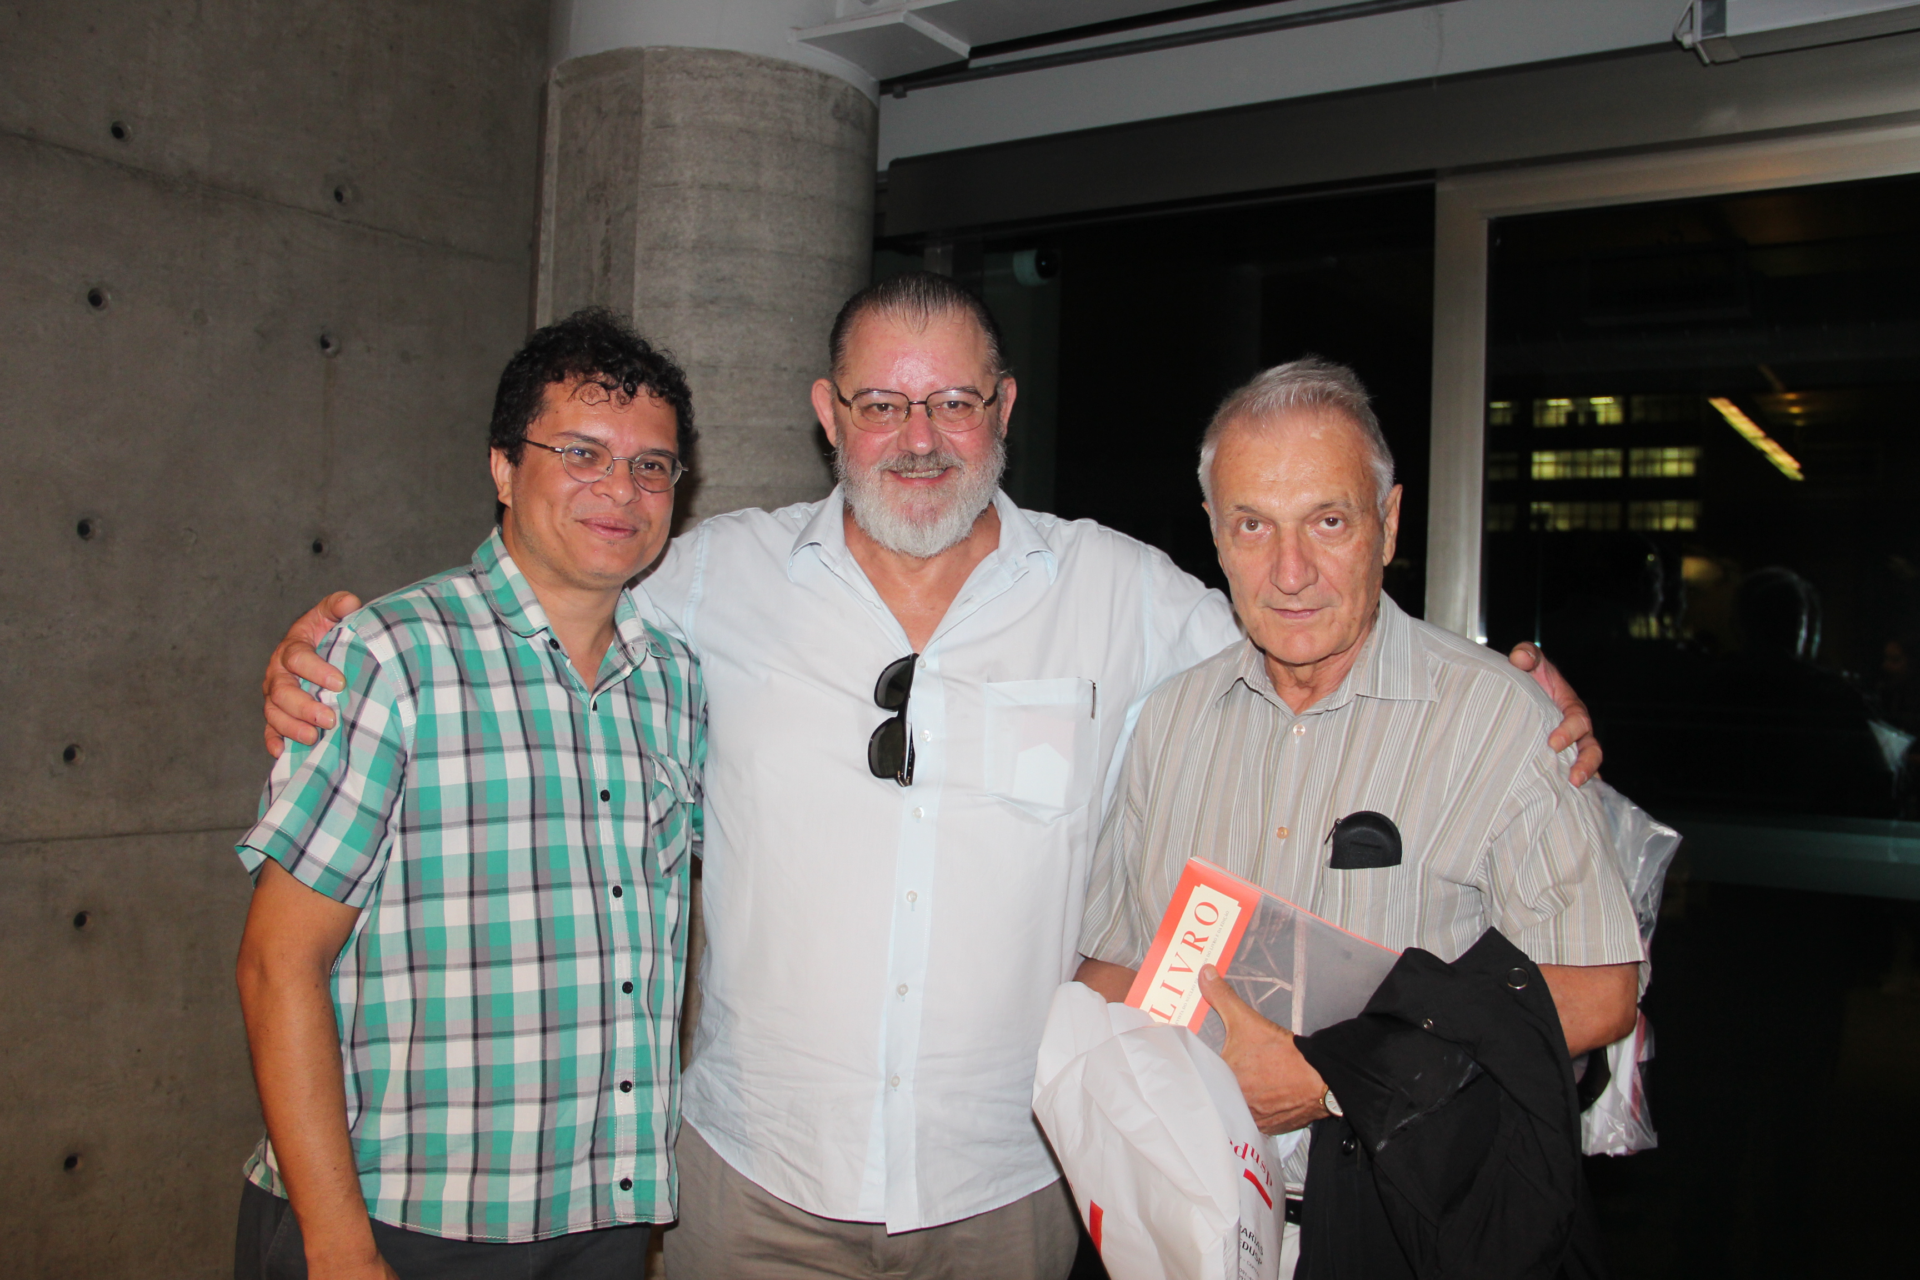 Lançamento da revista Livro 04: (à esq.) Lincoln Secco, José De Paula Ramos Jr. e Jaa Torrano.